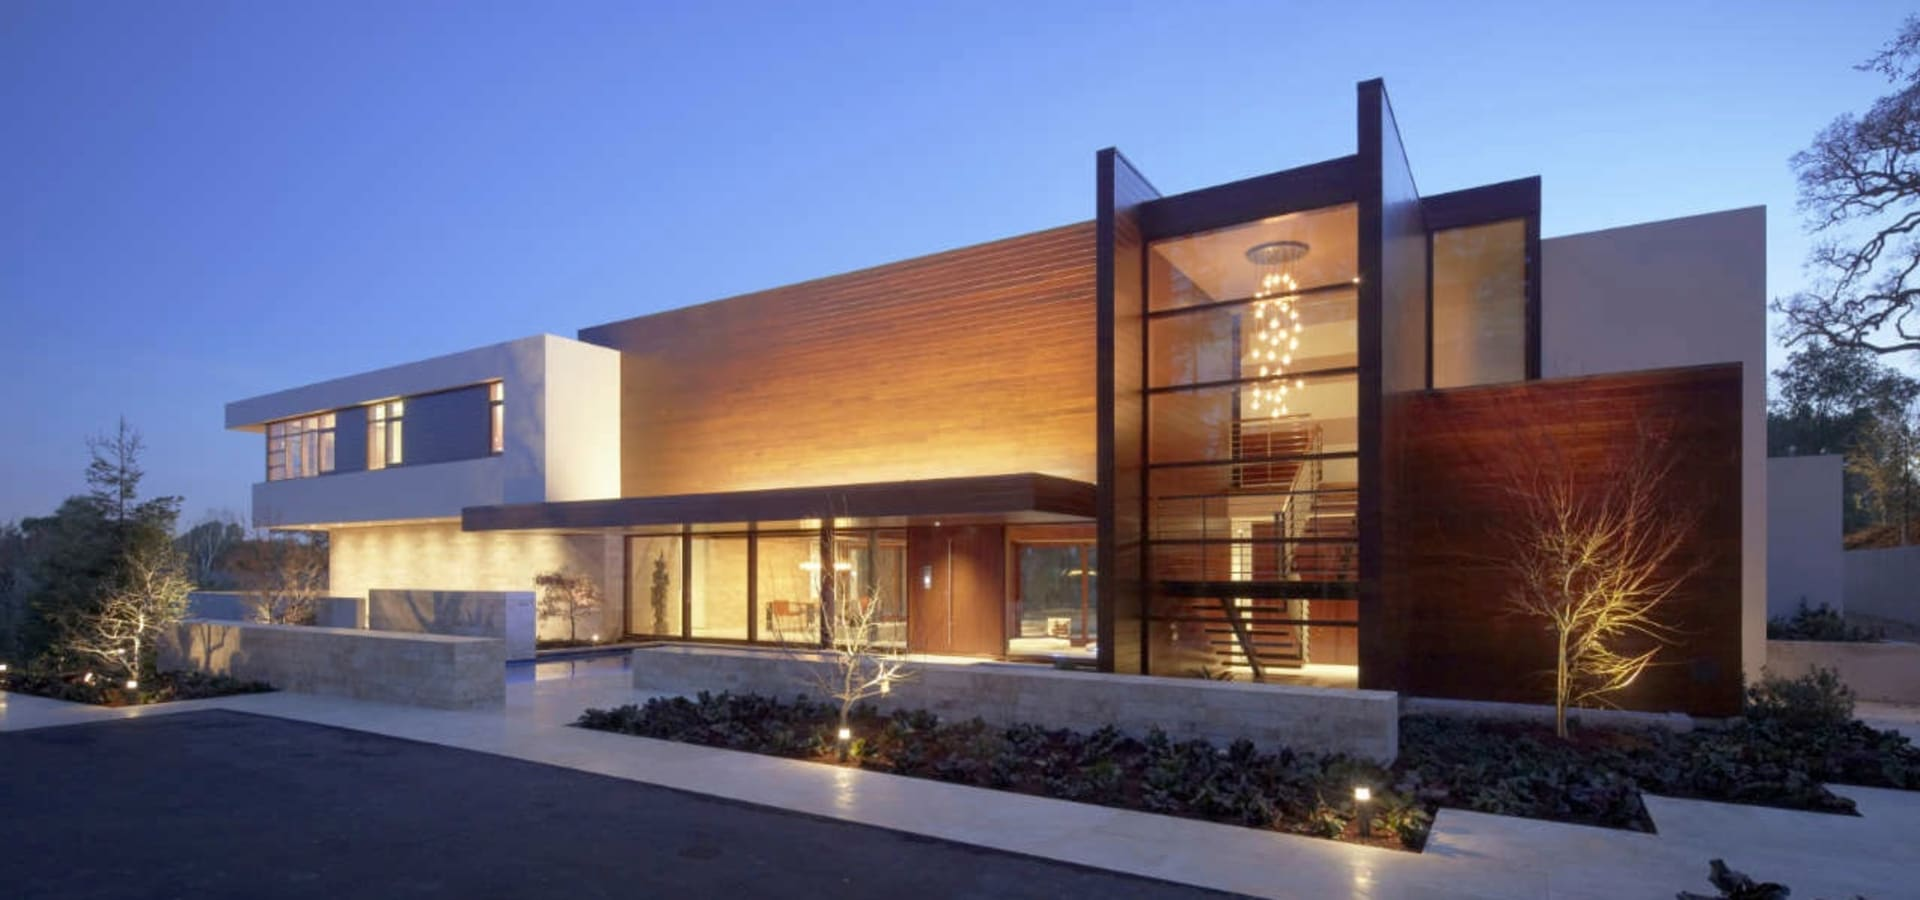 Maison moderne ossature bois von Belles demeures en bois | homify